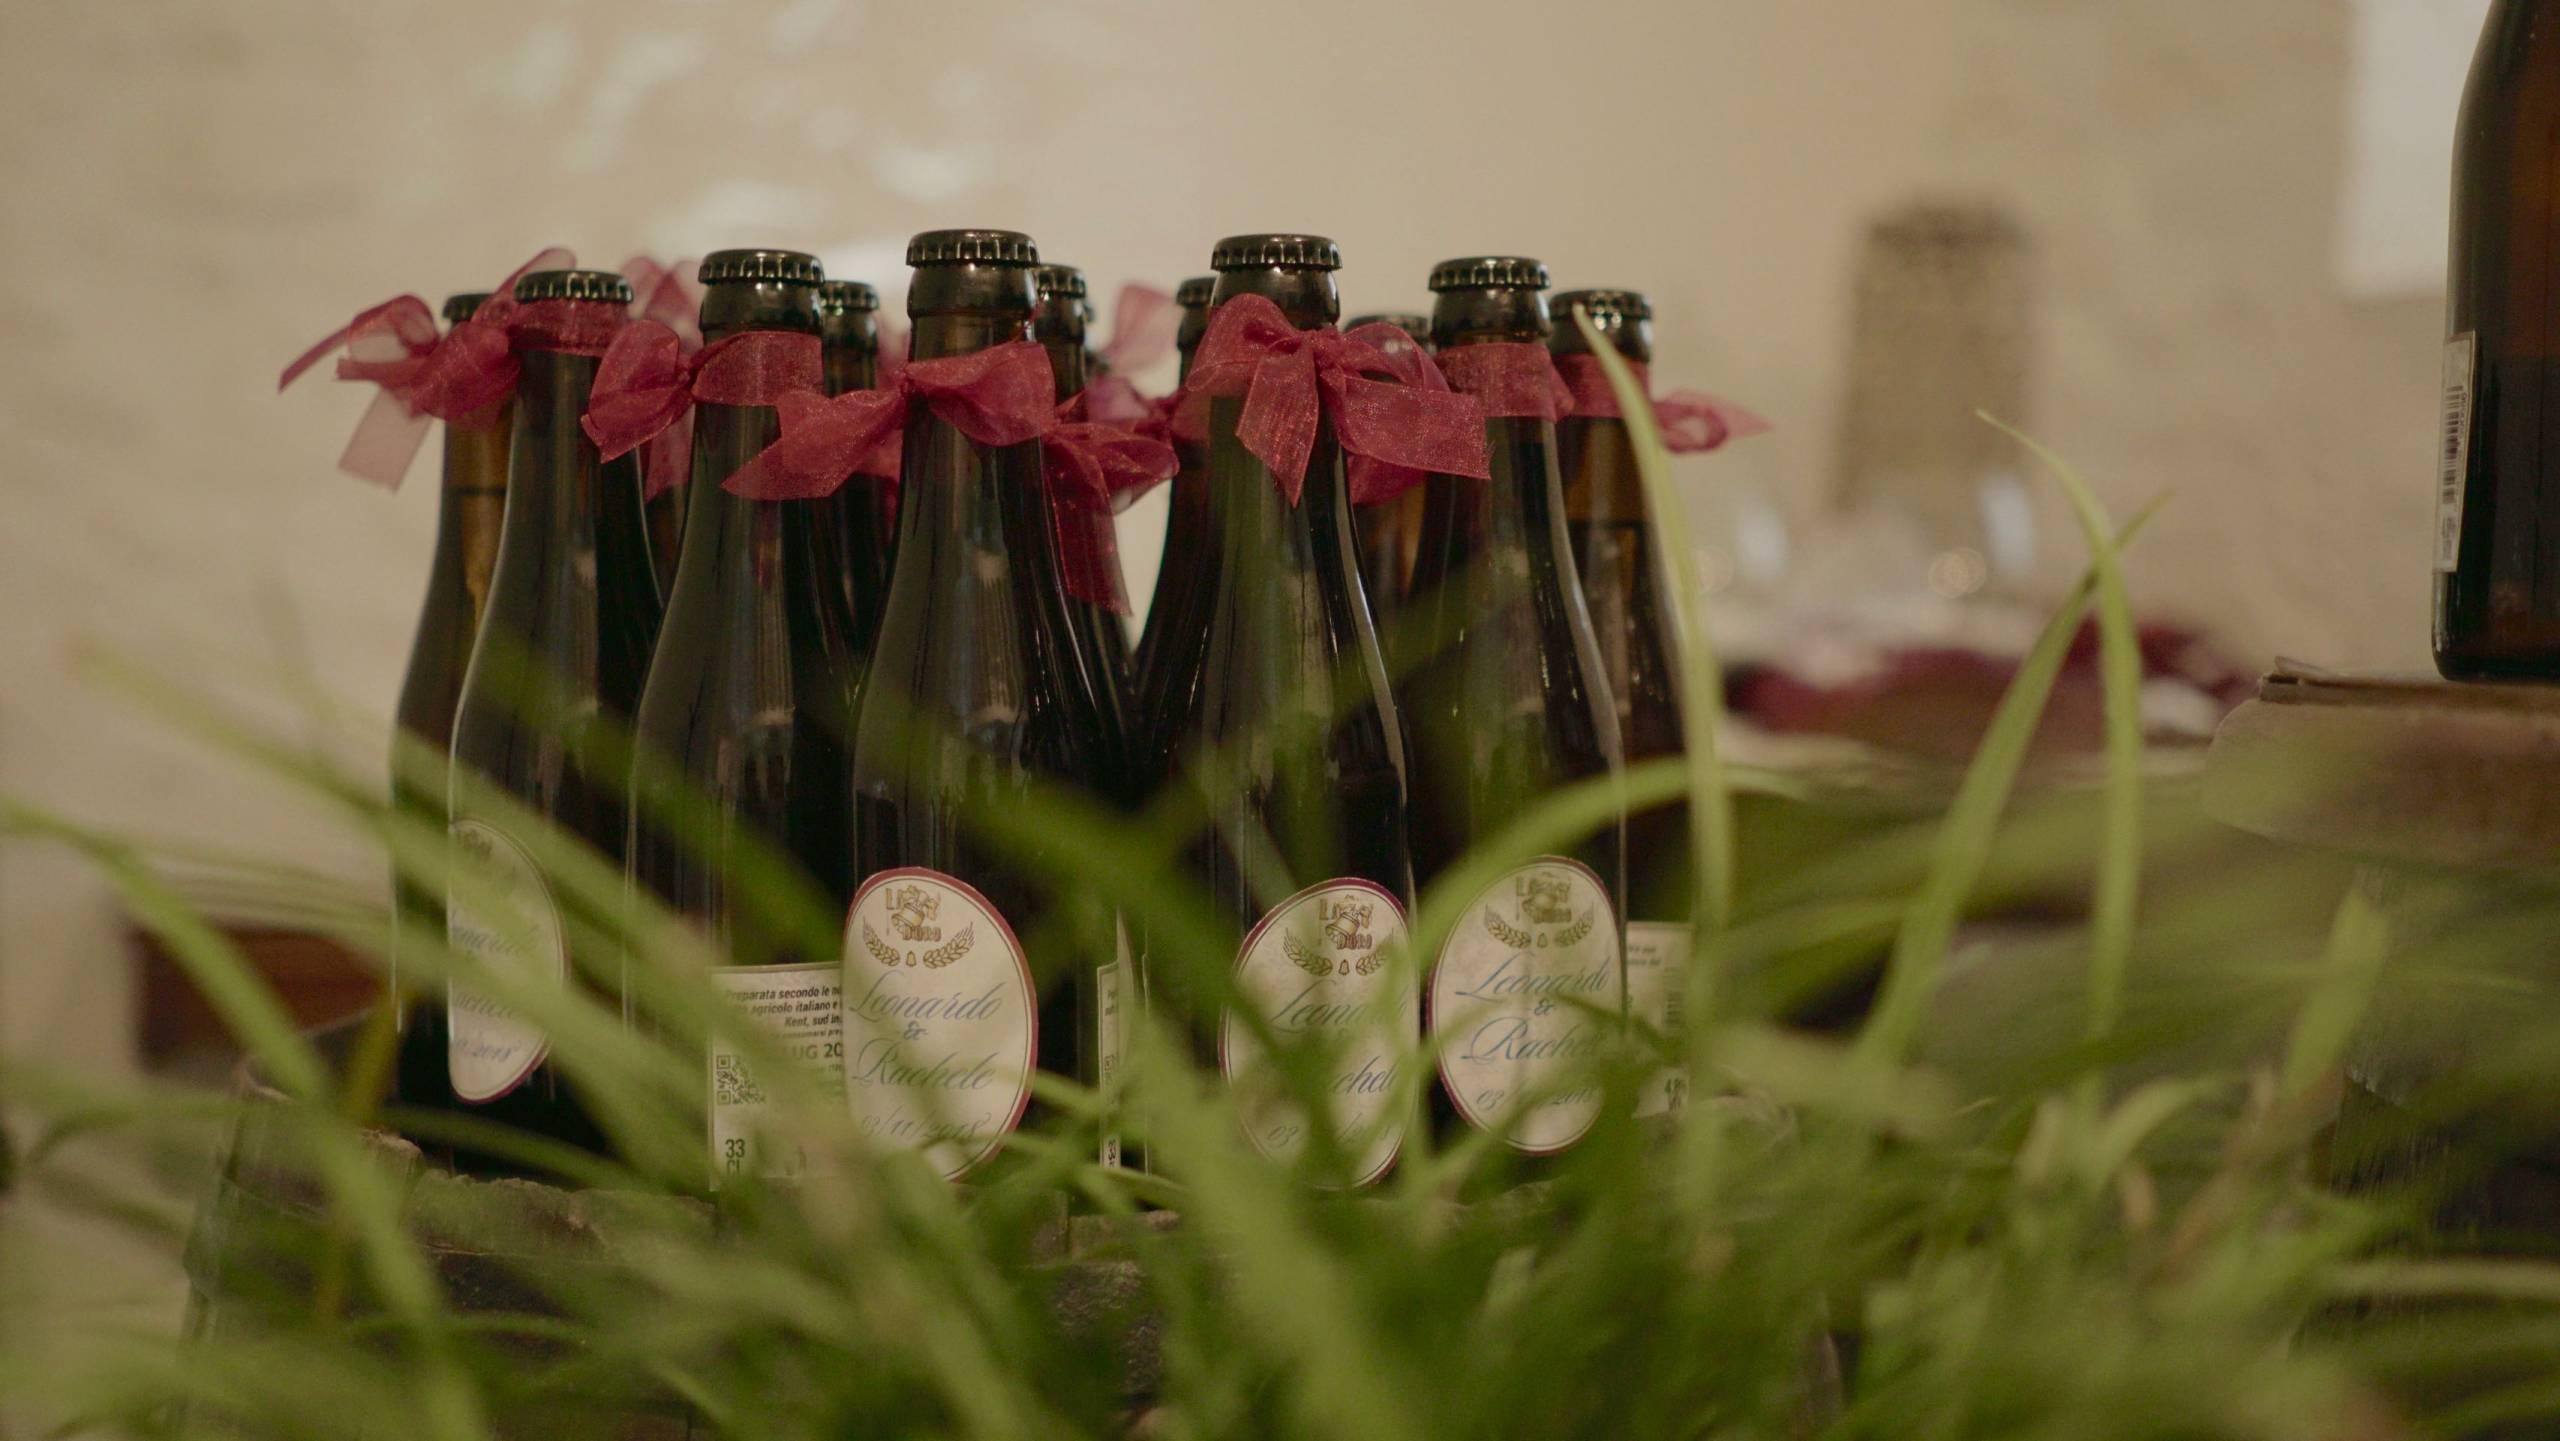 foto da dietro una pianta di bottiglie di birra con etichette personalizzate e infiochettate